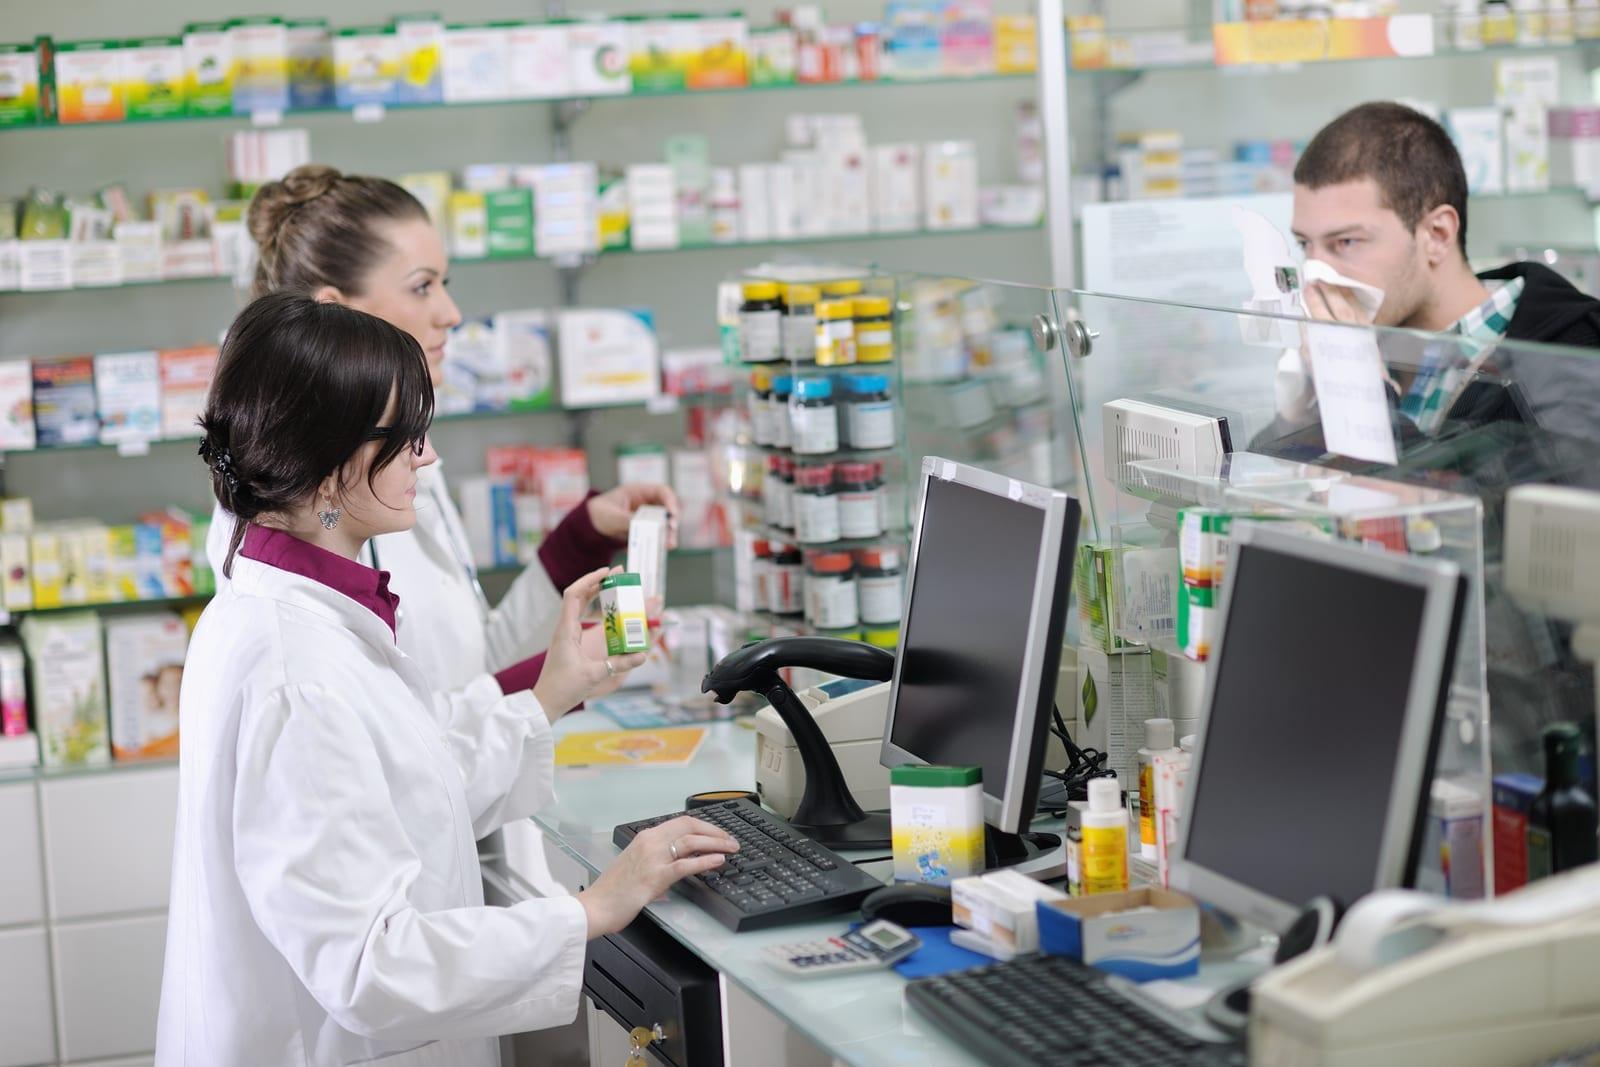 la salud, hospital, medico, farmacia en inglés